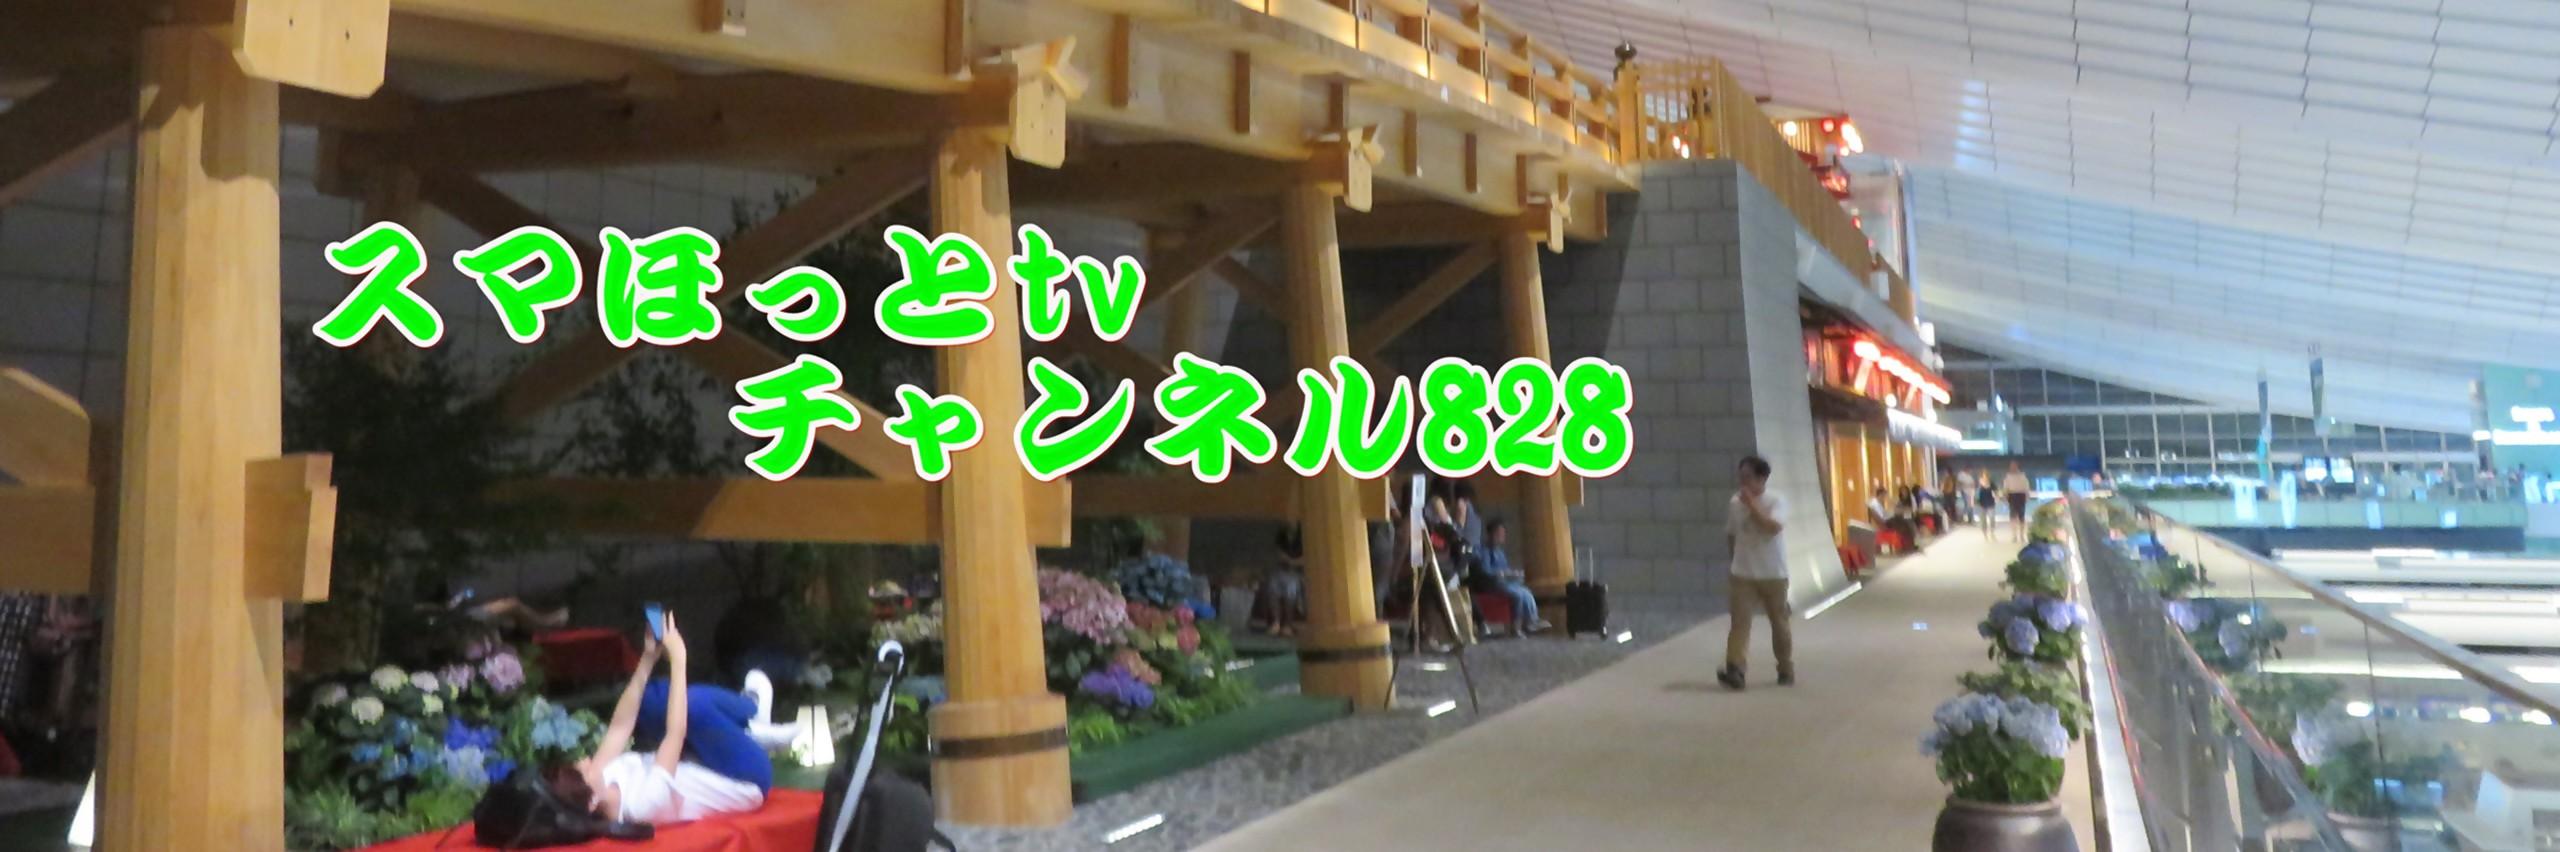 いんざらいふTV